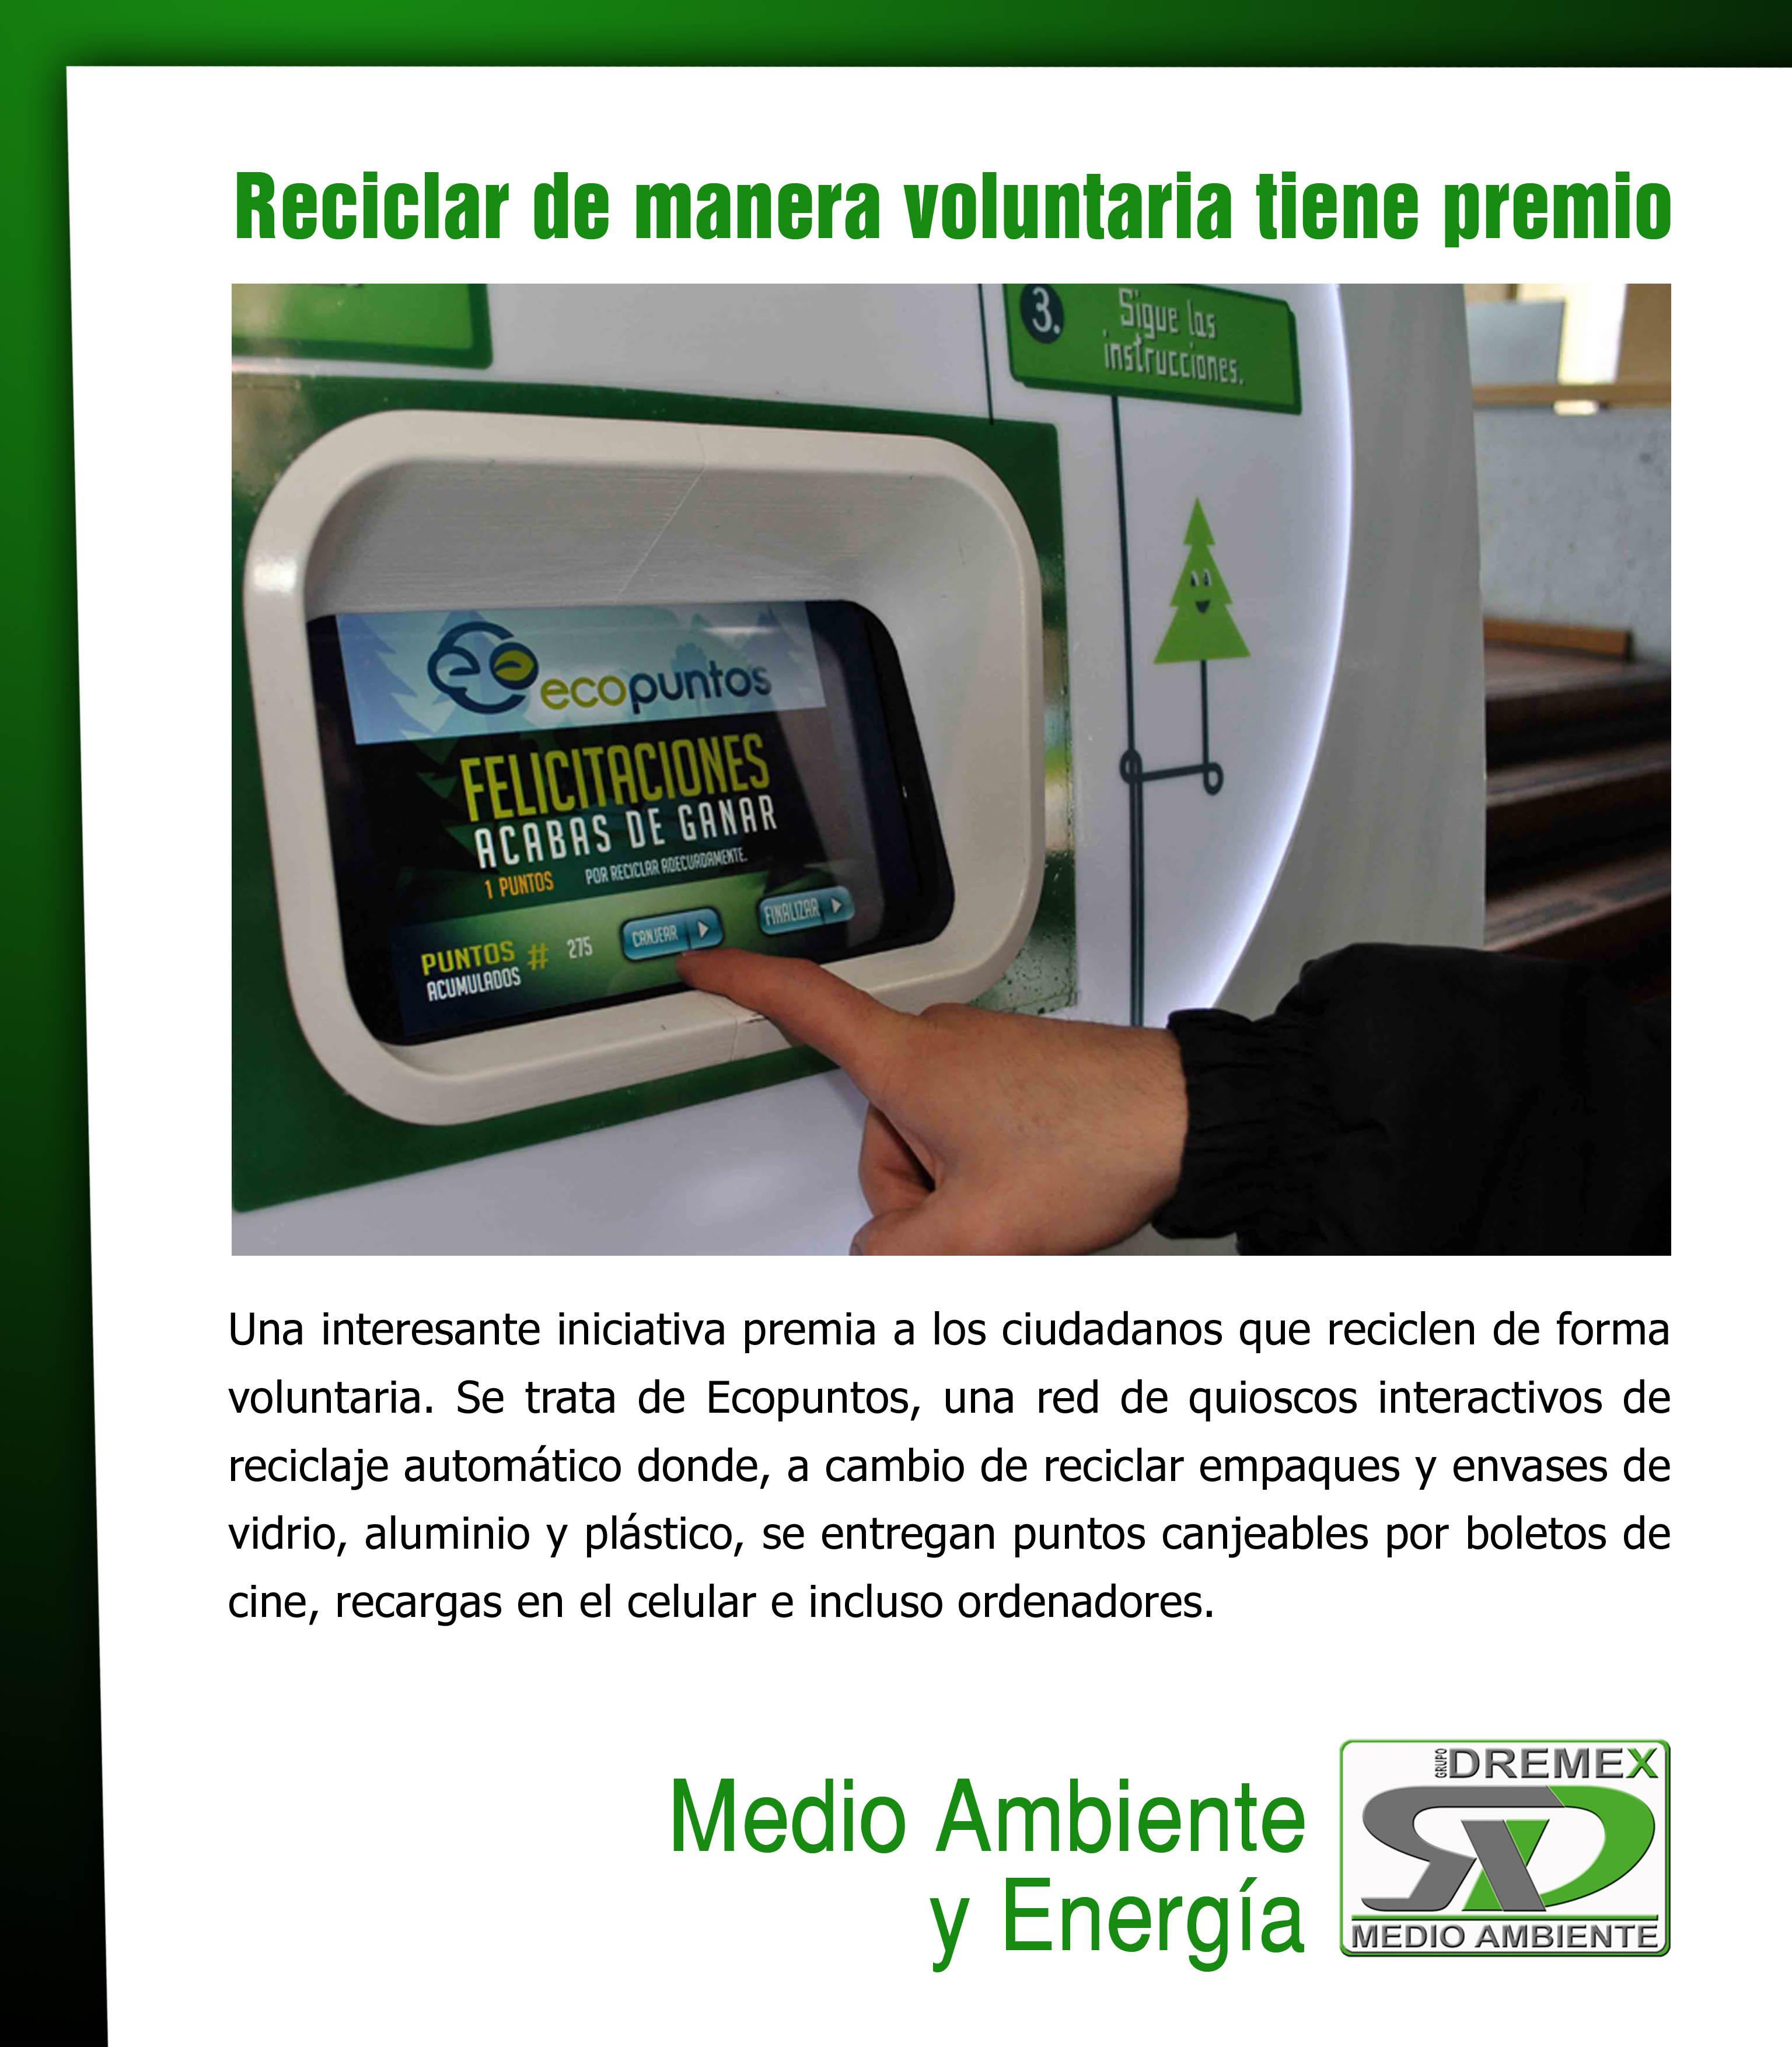 20 Maneras De Cómo Reciclar Las Ruedas De Tu Bicicleta: Dremex.es ECO PUNTOS, Reciclar De Manera Voluntaria Tiene